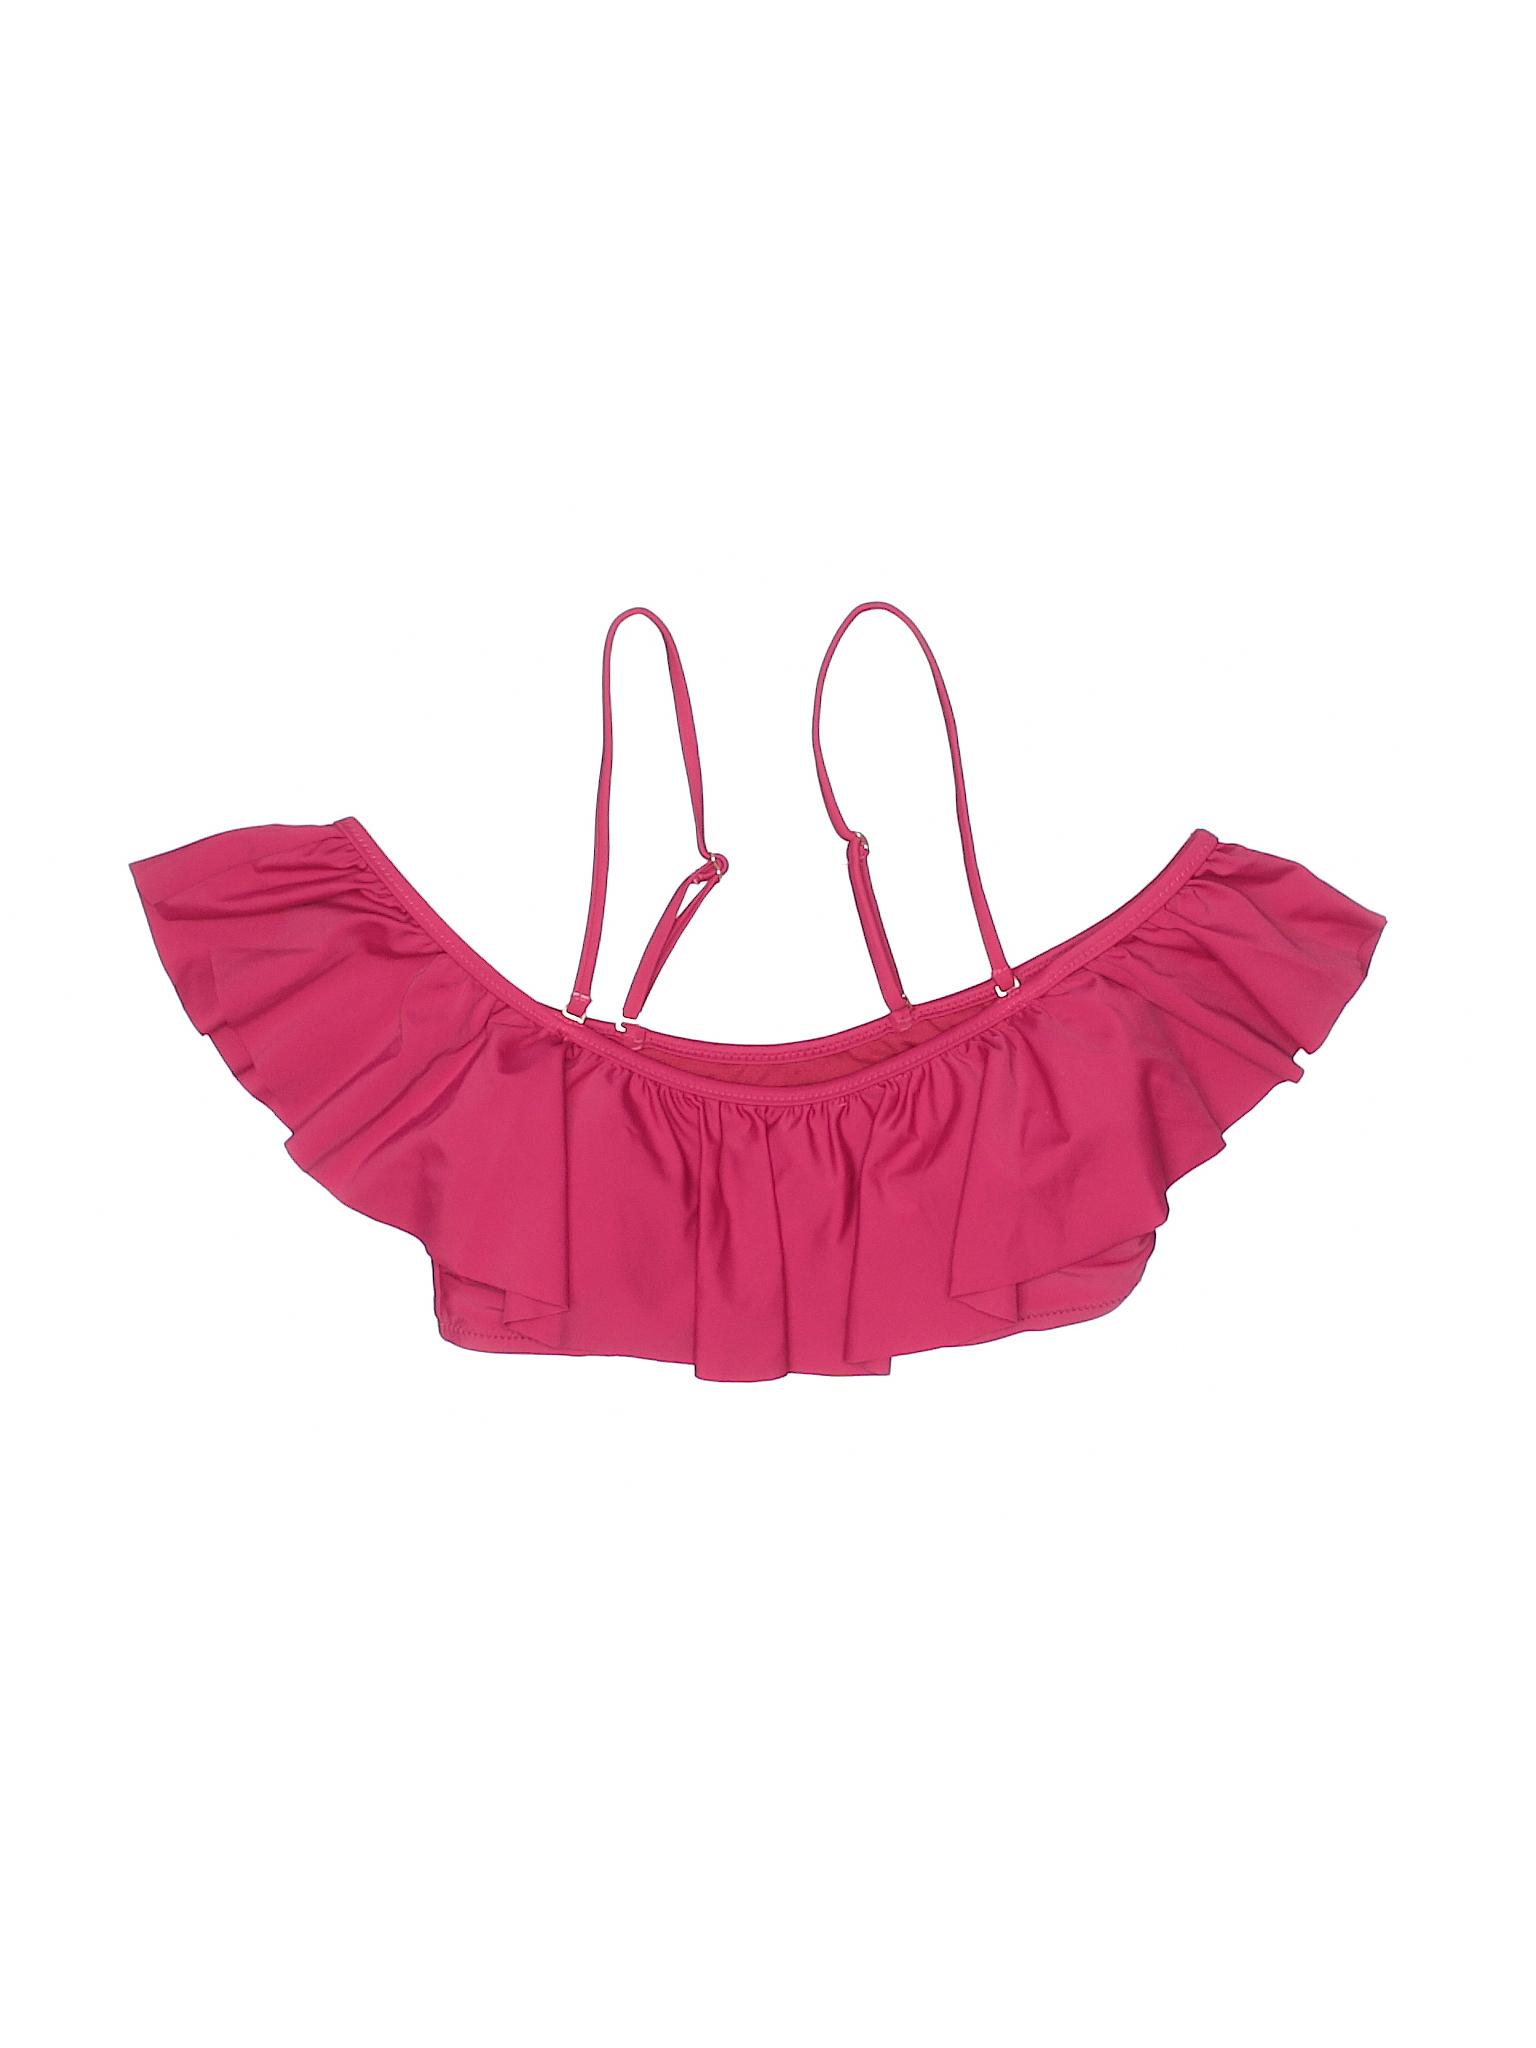 Boutique Boutique Swimsuit Swimsuit Top Top Raisins Boutique Raisins Raisins tdOwqfOHx